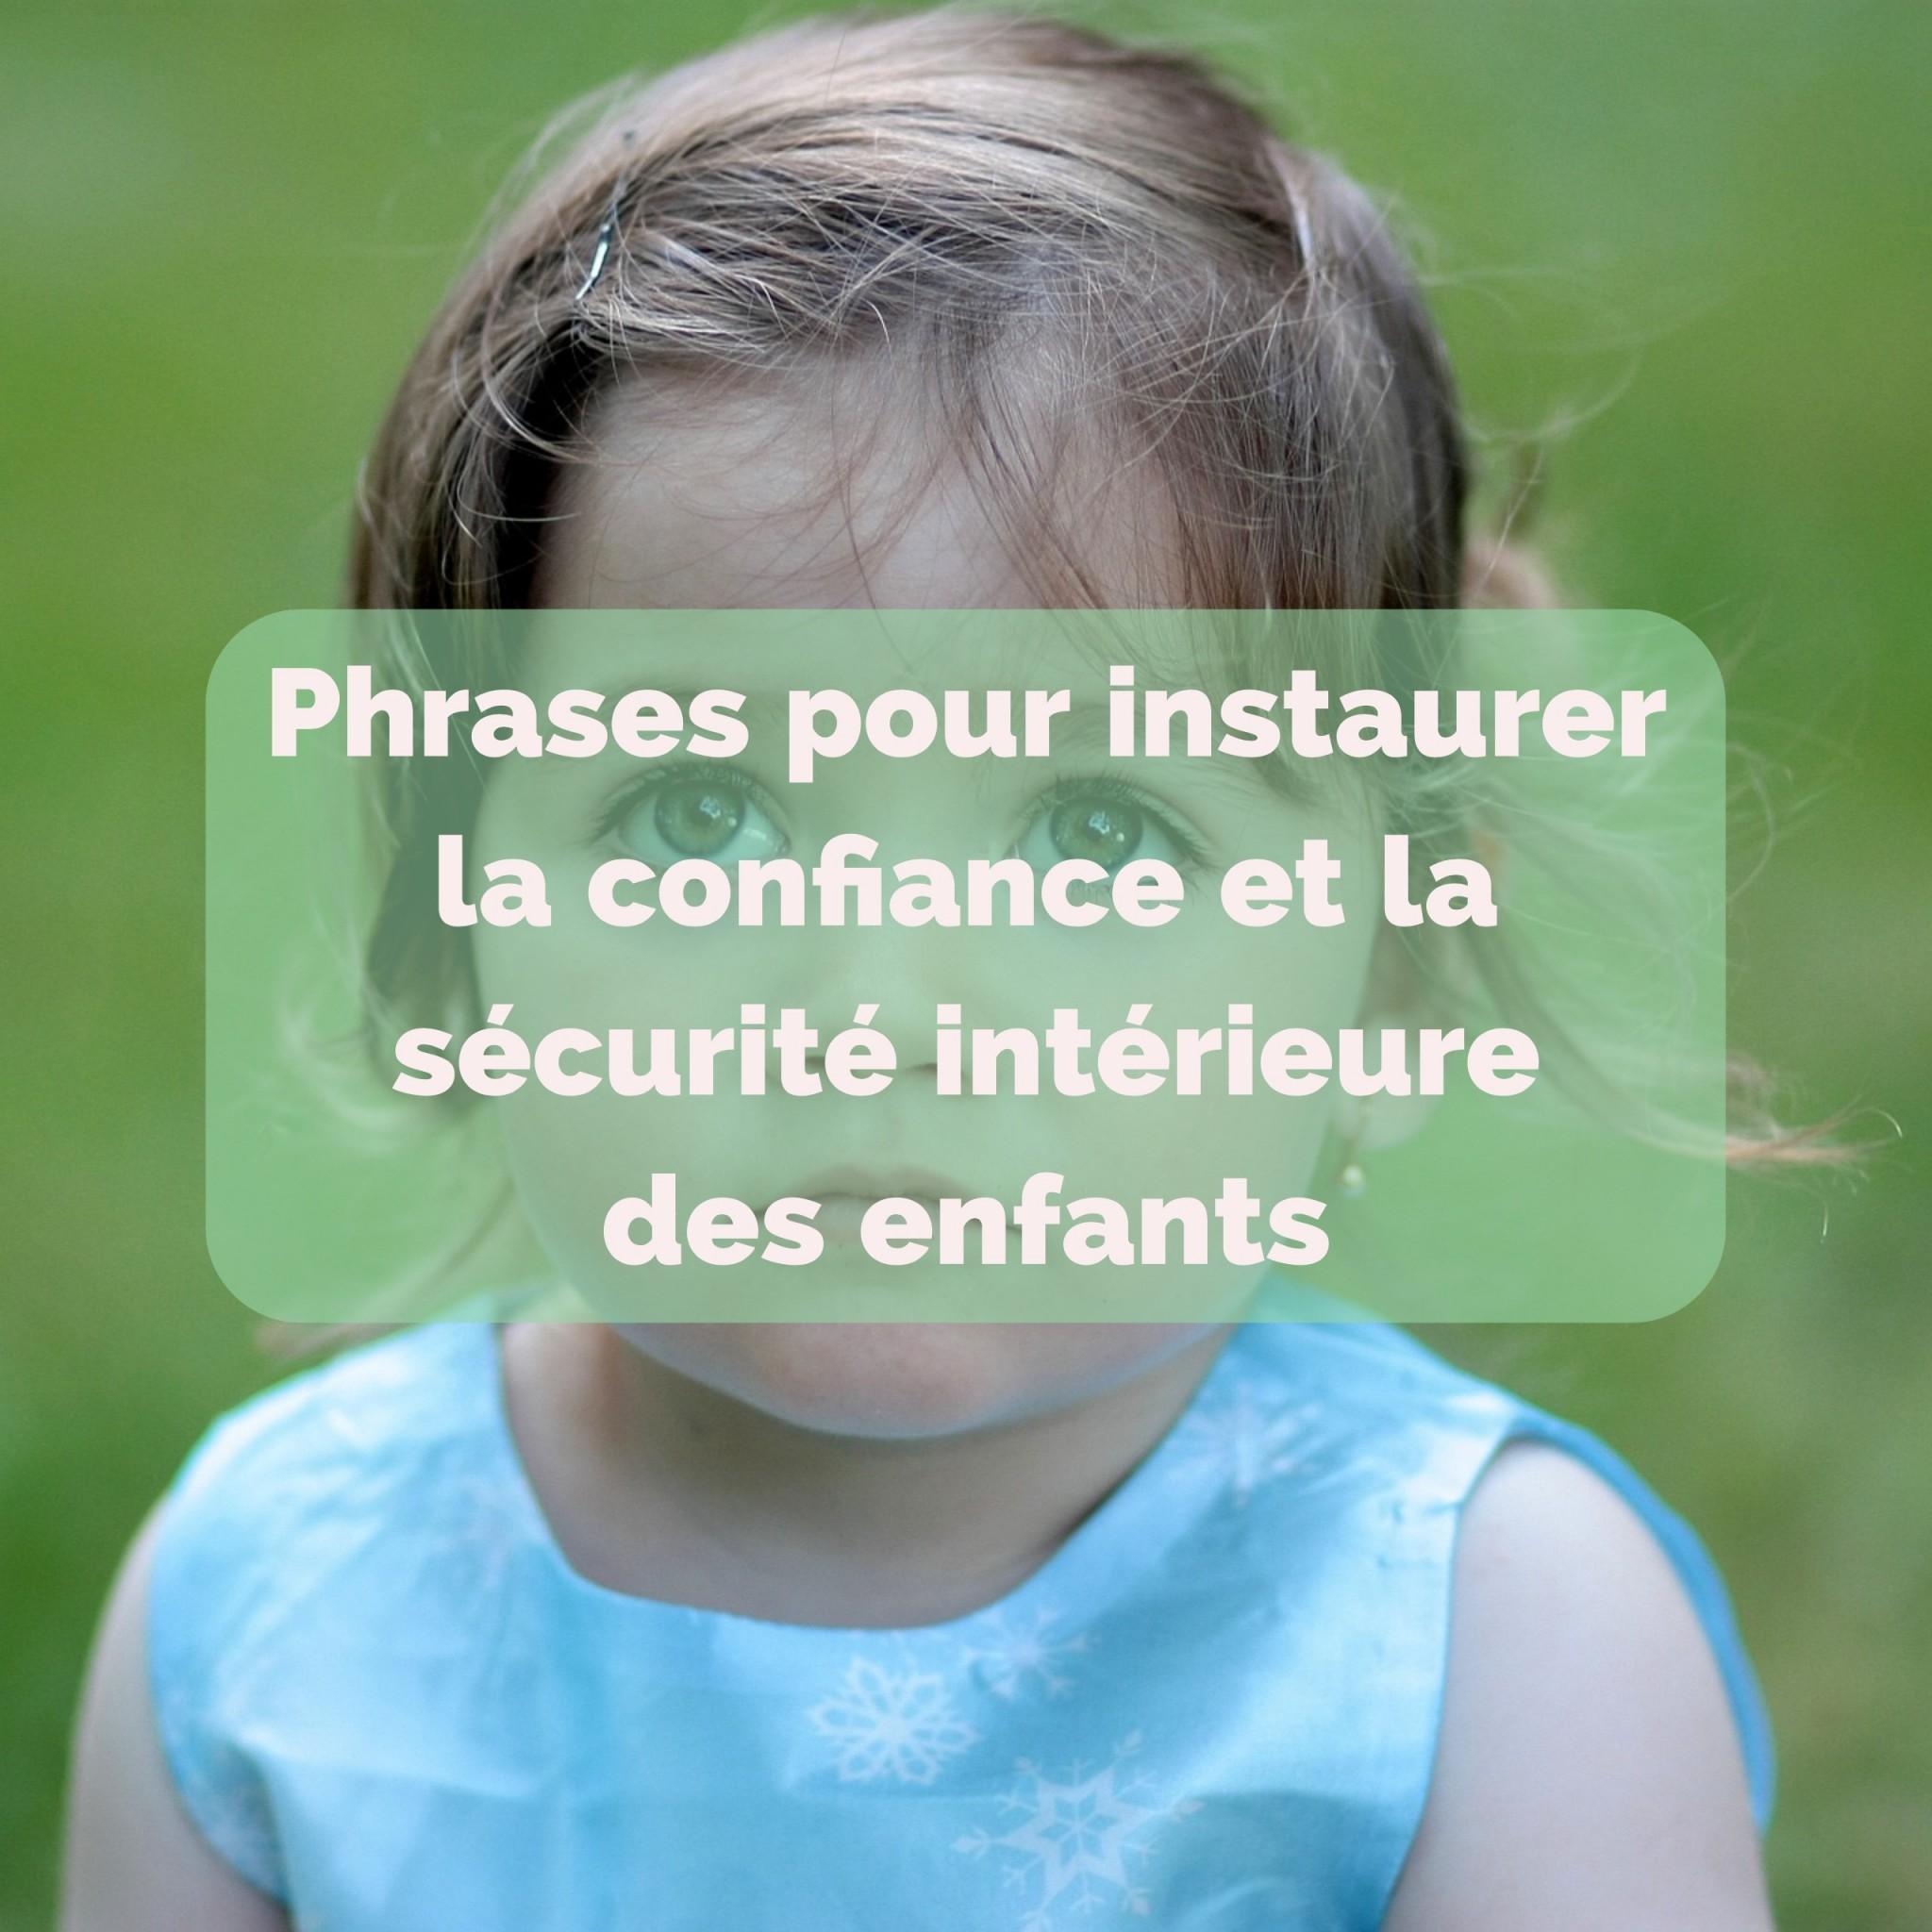 Phrases pour instaurer la confiance et la sécurité intérieure chez les enfants